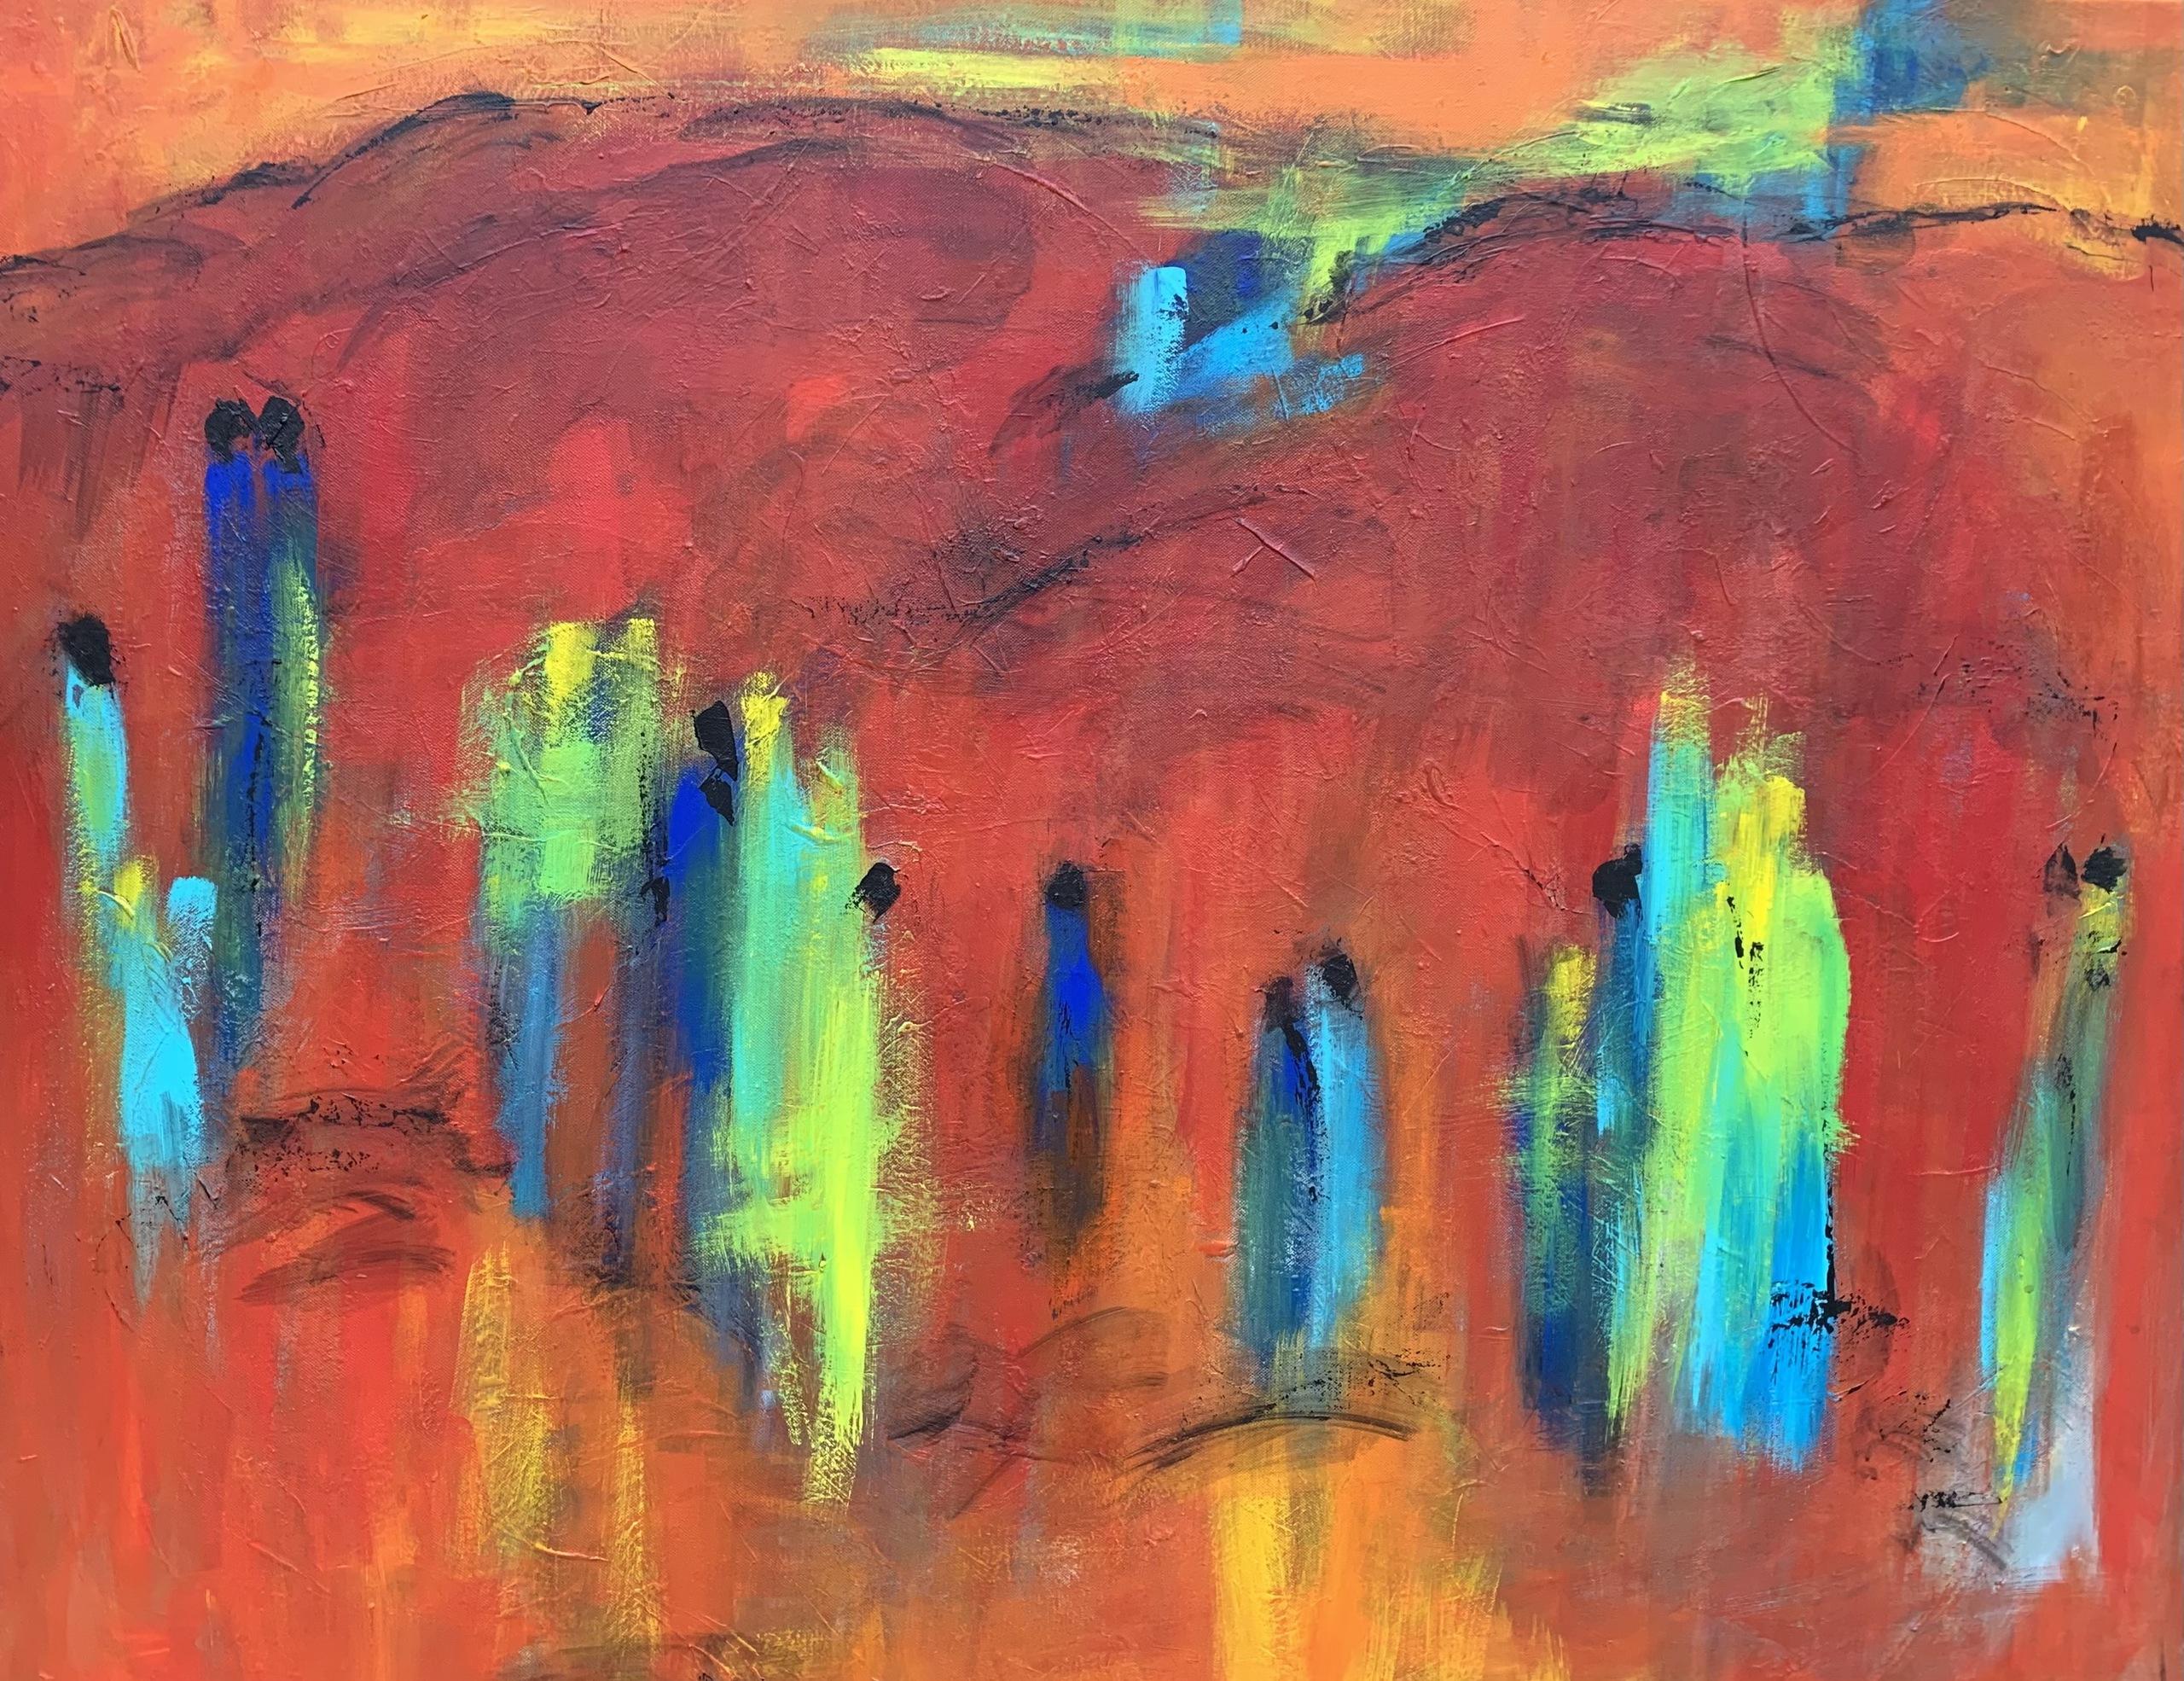 De røde og varme nuancer er de mest centrale i maleriet - og de får ekstra kraft fra de limegrønne og turkise nuancer, som får maleriet til at vibrere af liv.